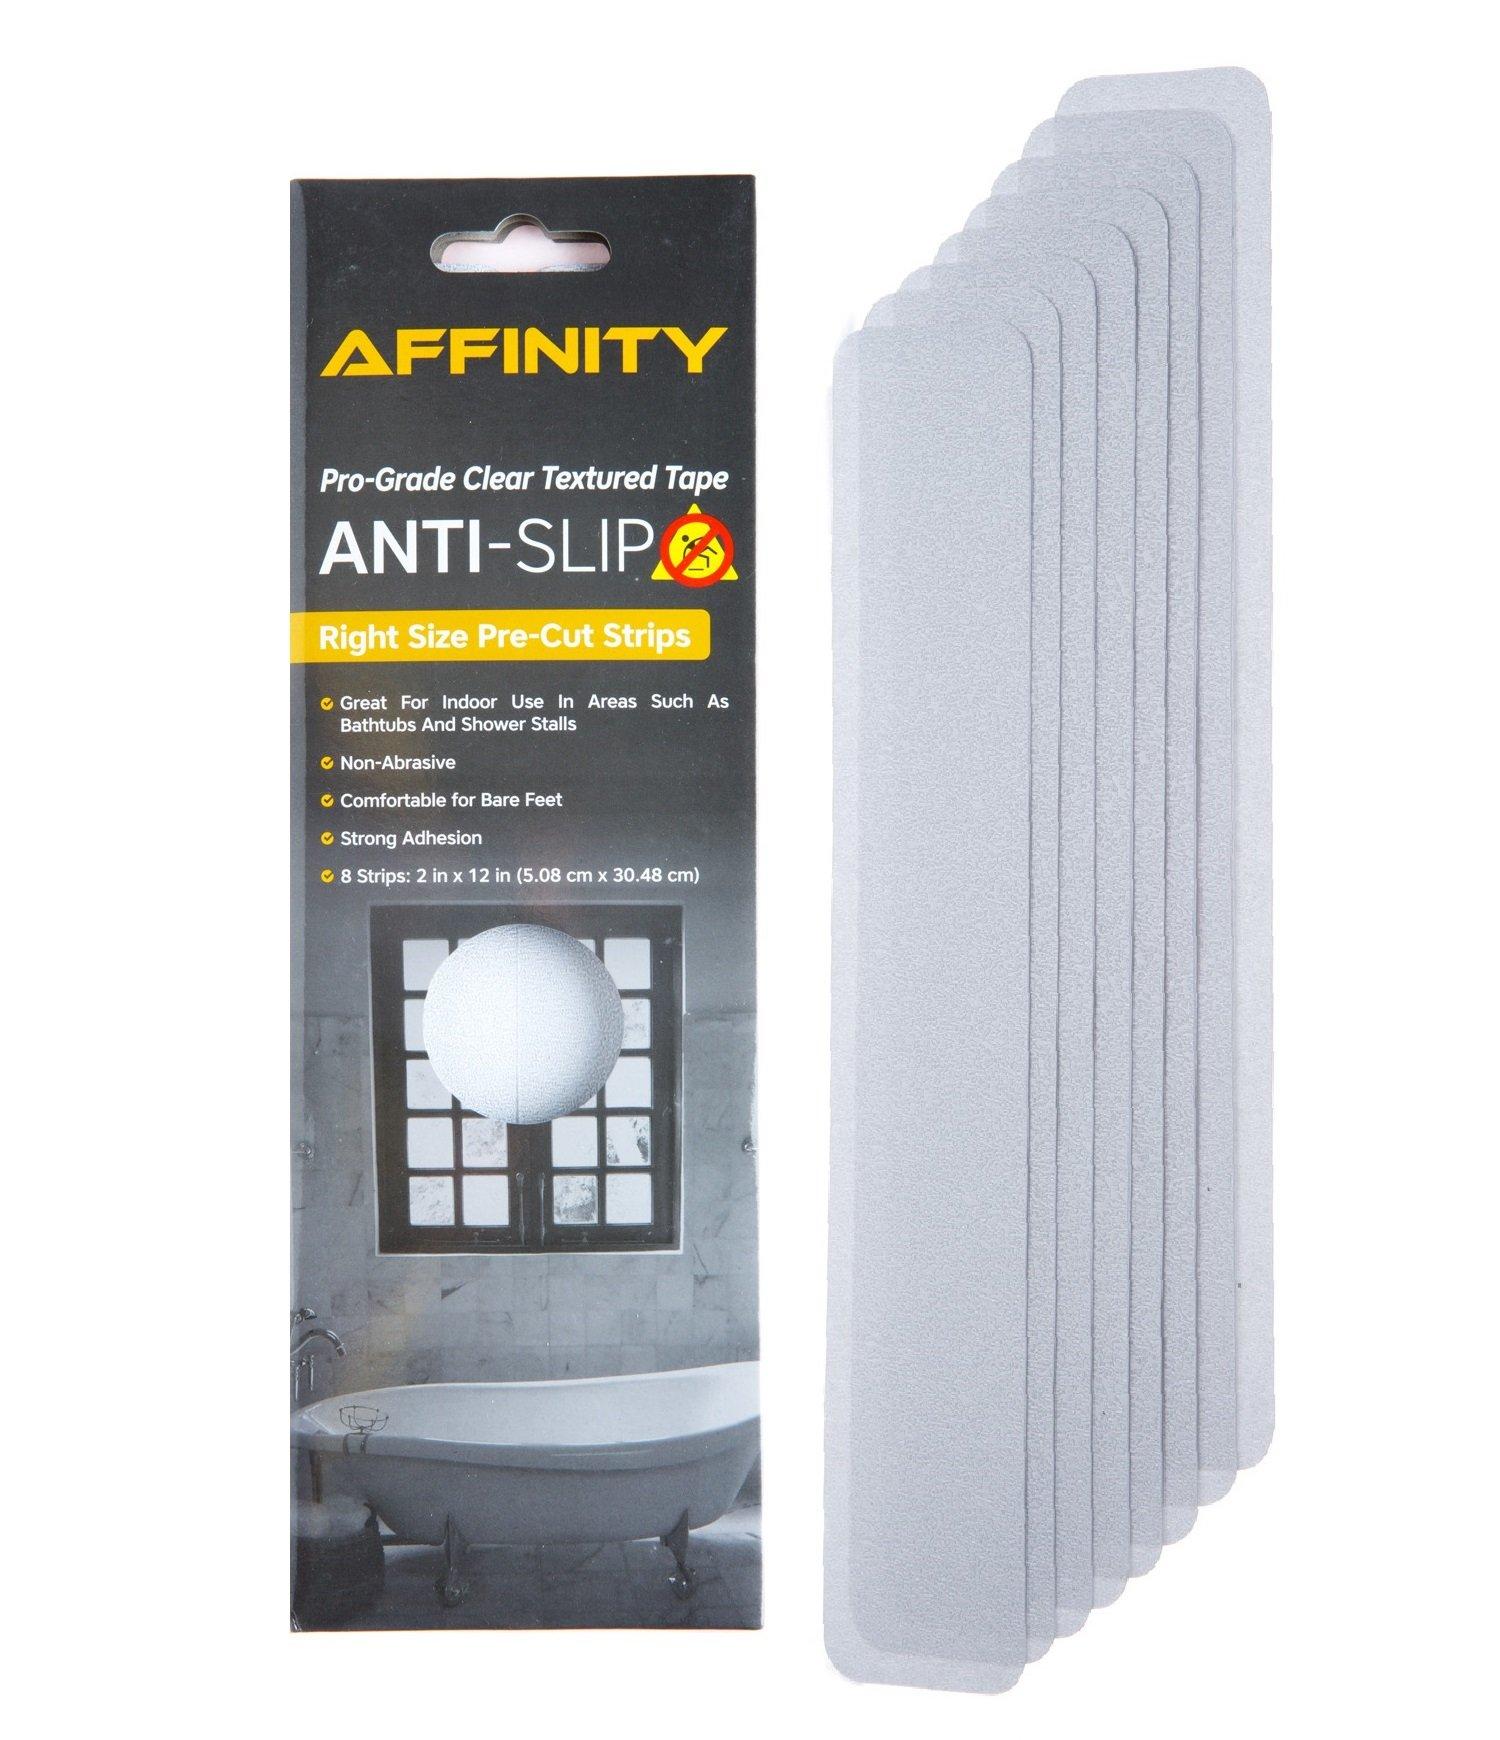 Anti-Slip Tape - Premium 8 Pre-Cut Bath & Shower